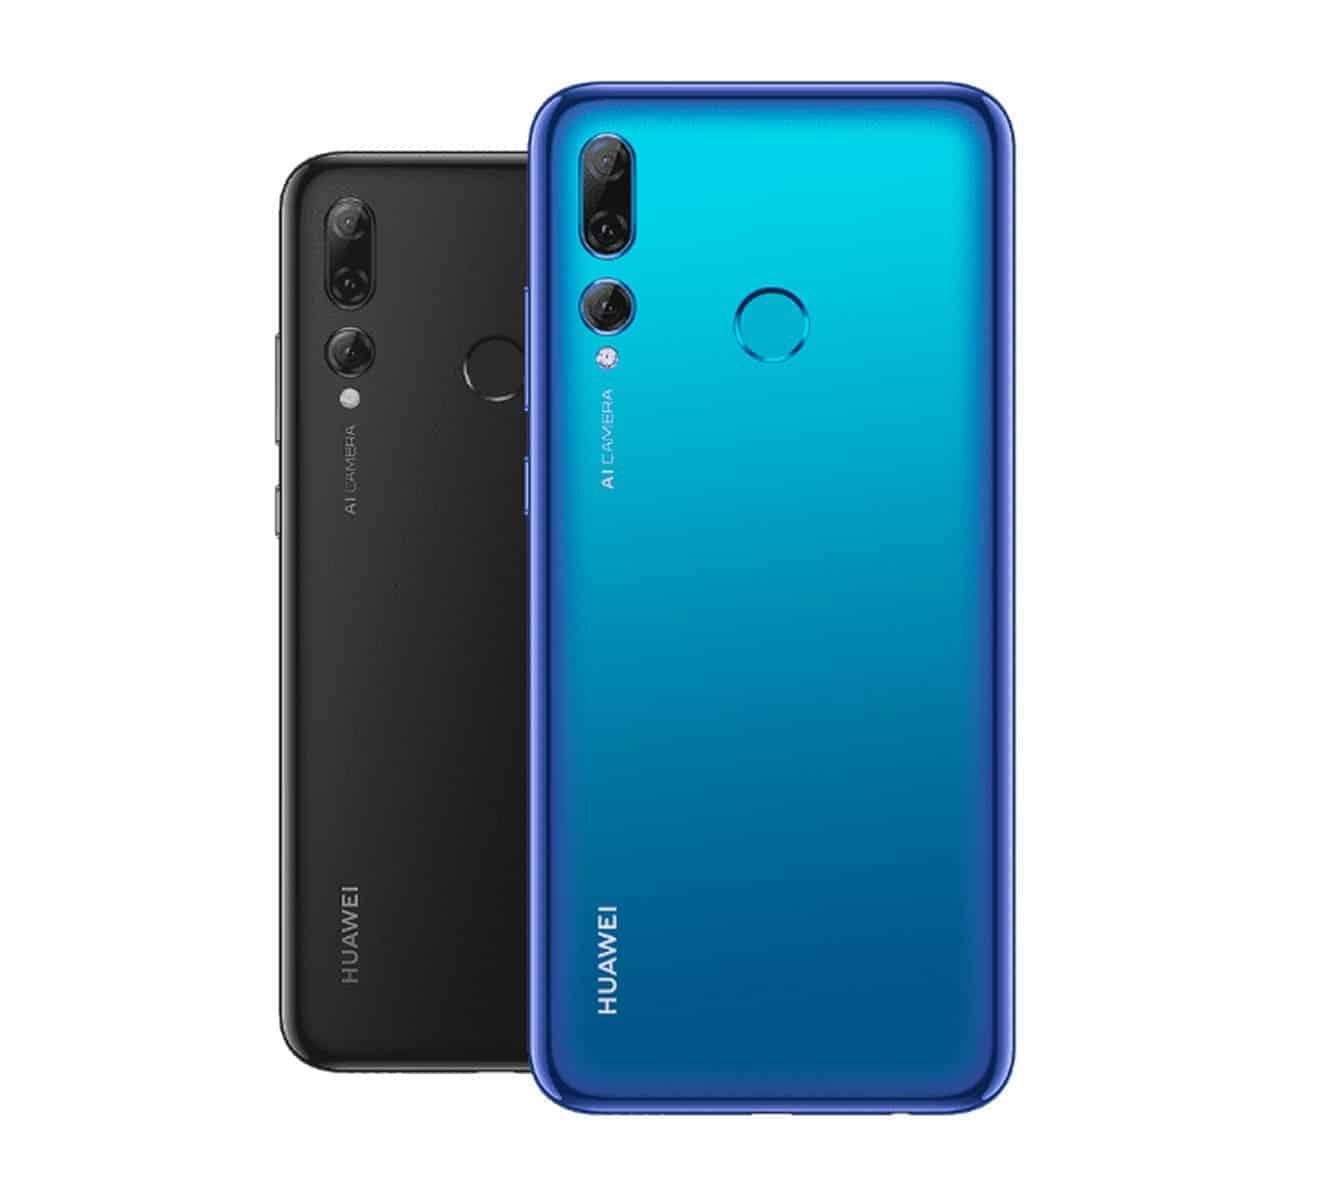 Huawei P smart 2019 image 4